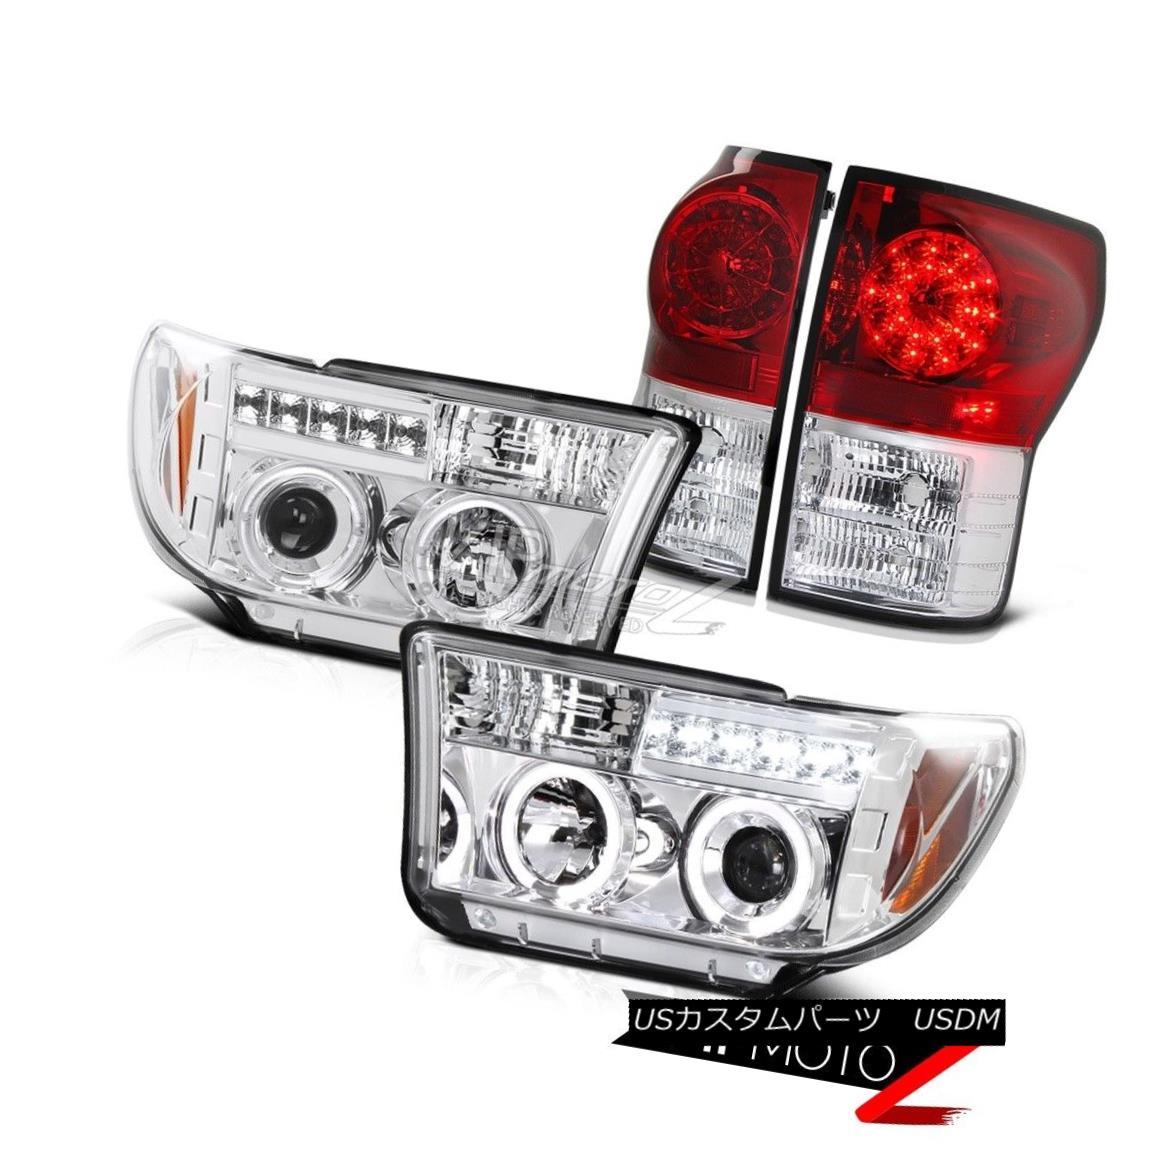 テールライト 07-13 Toyota Tundra Chrome Halo Projector Headlight+Factory Style LED Tail Light 07-13トヨタトンドラクロームハロープロジェクターヘッドライト+ファクト oryスタイルLEDテールライト